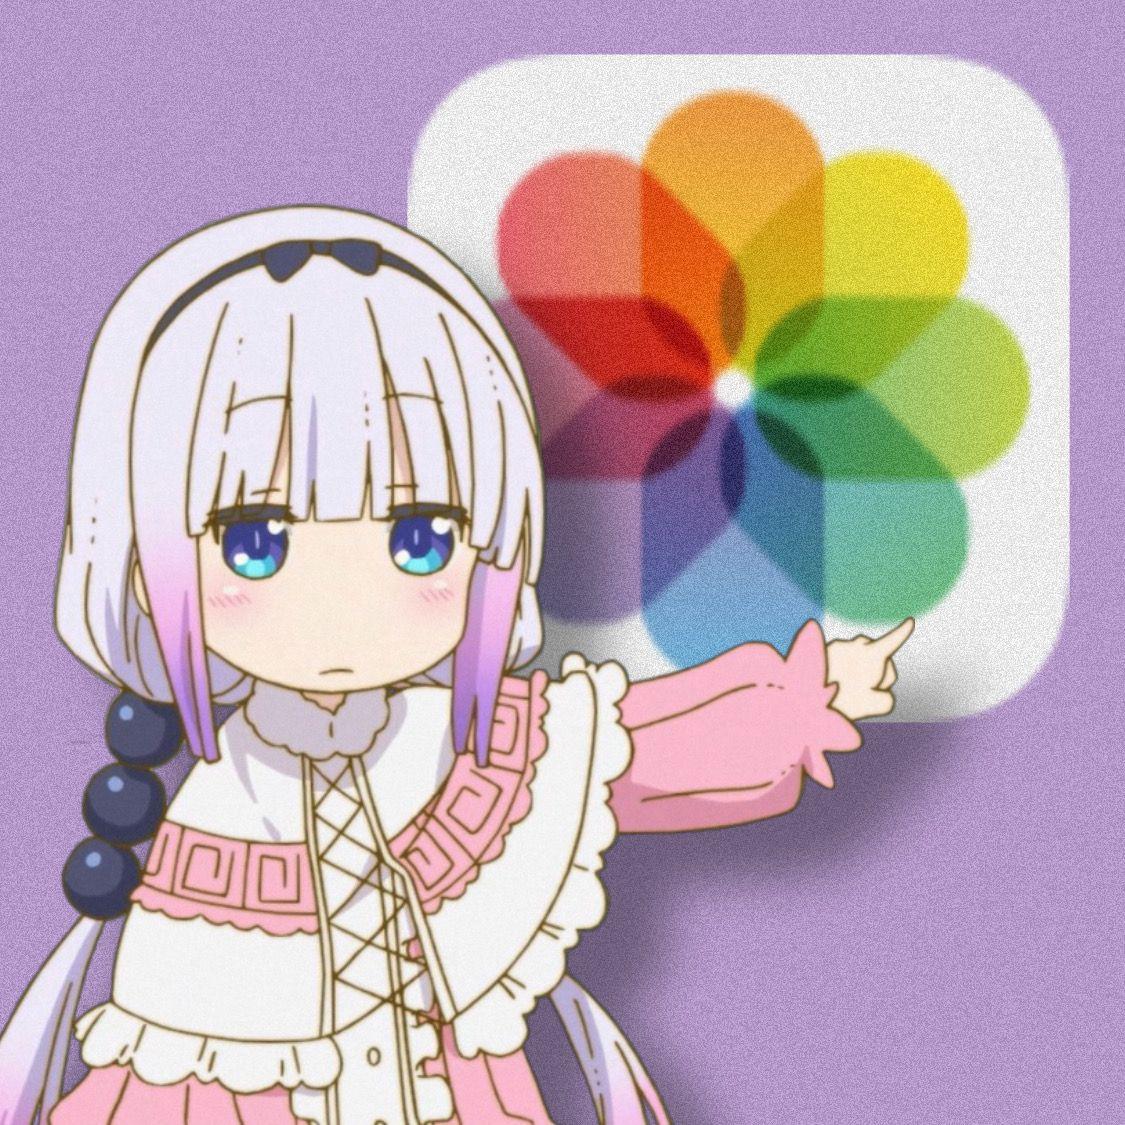 freetoedit app icon animeicon photos kana